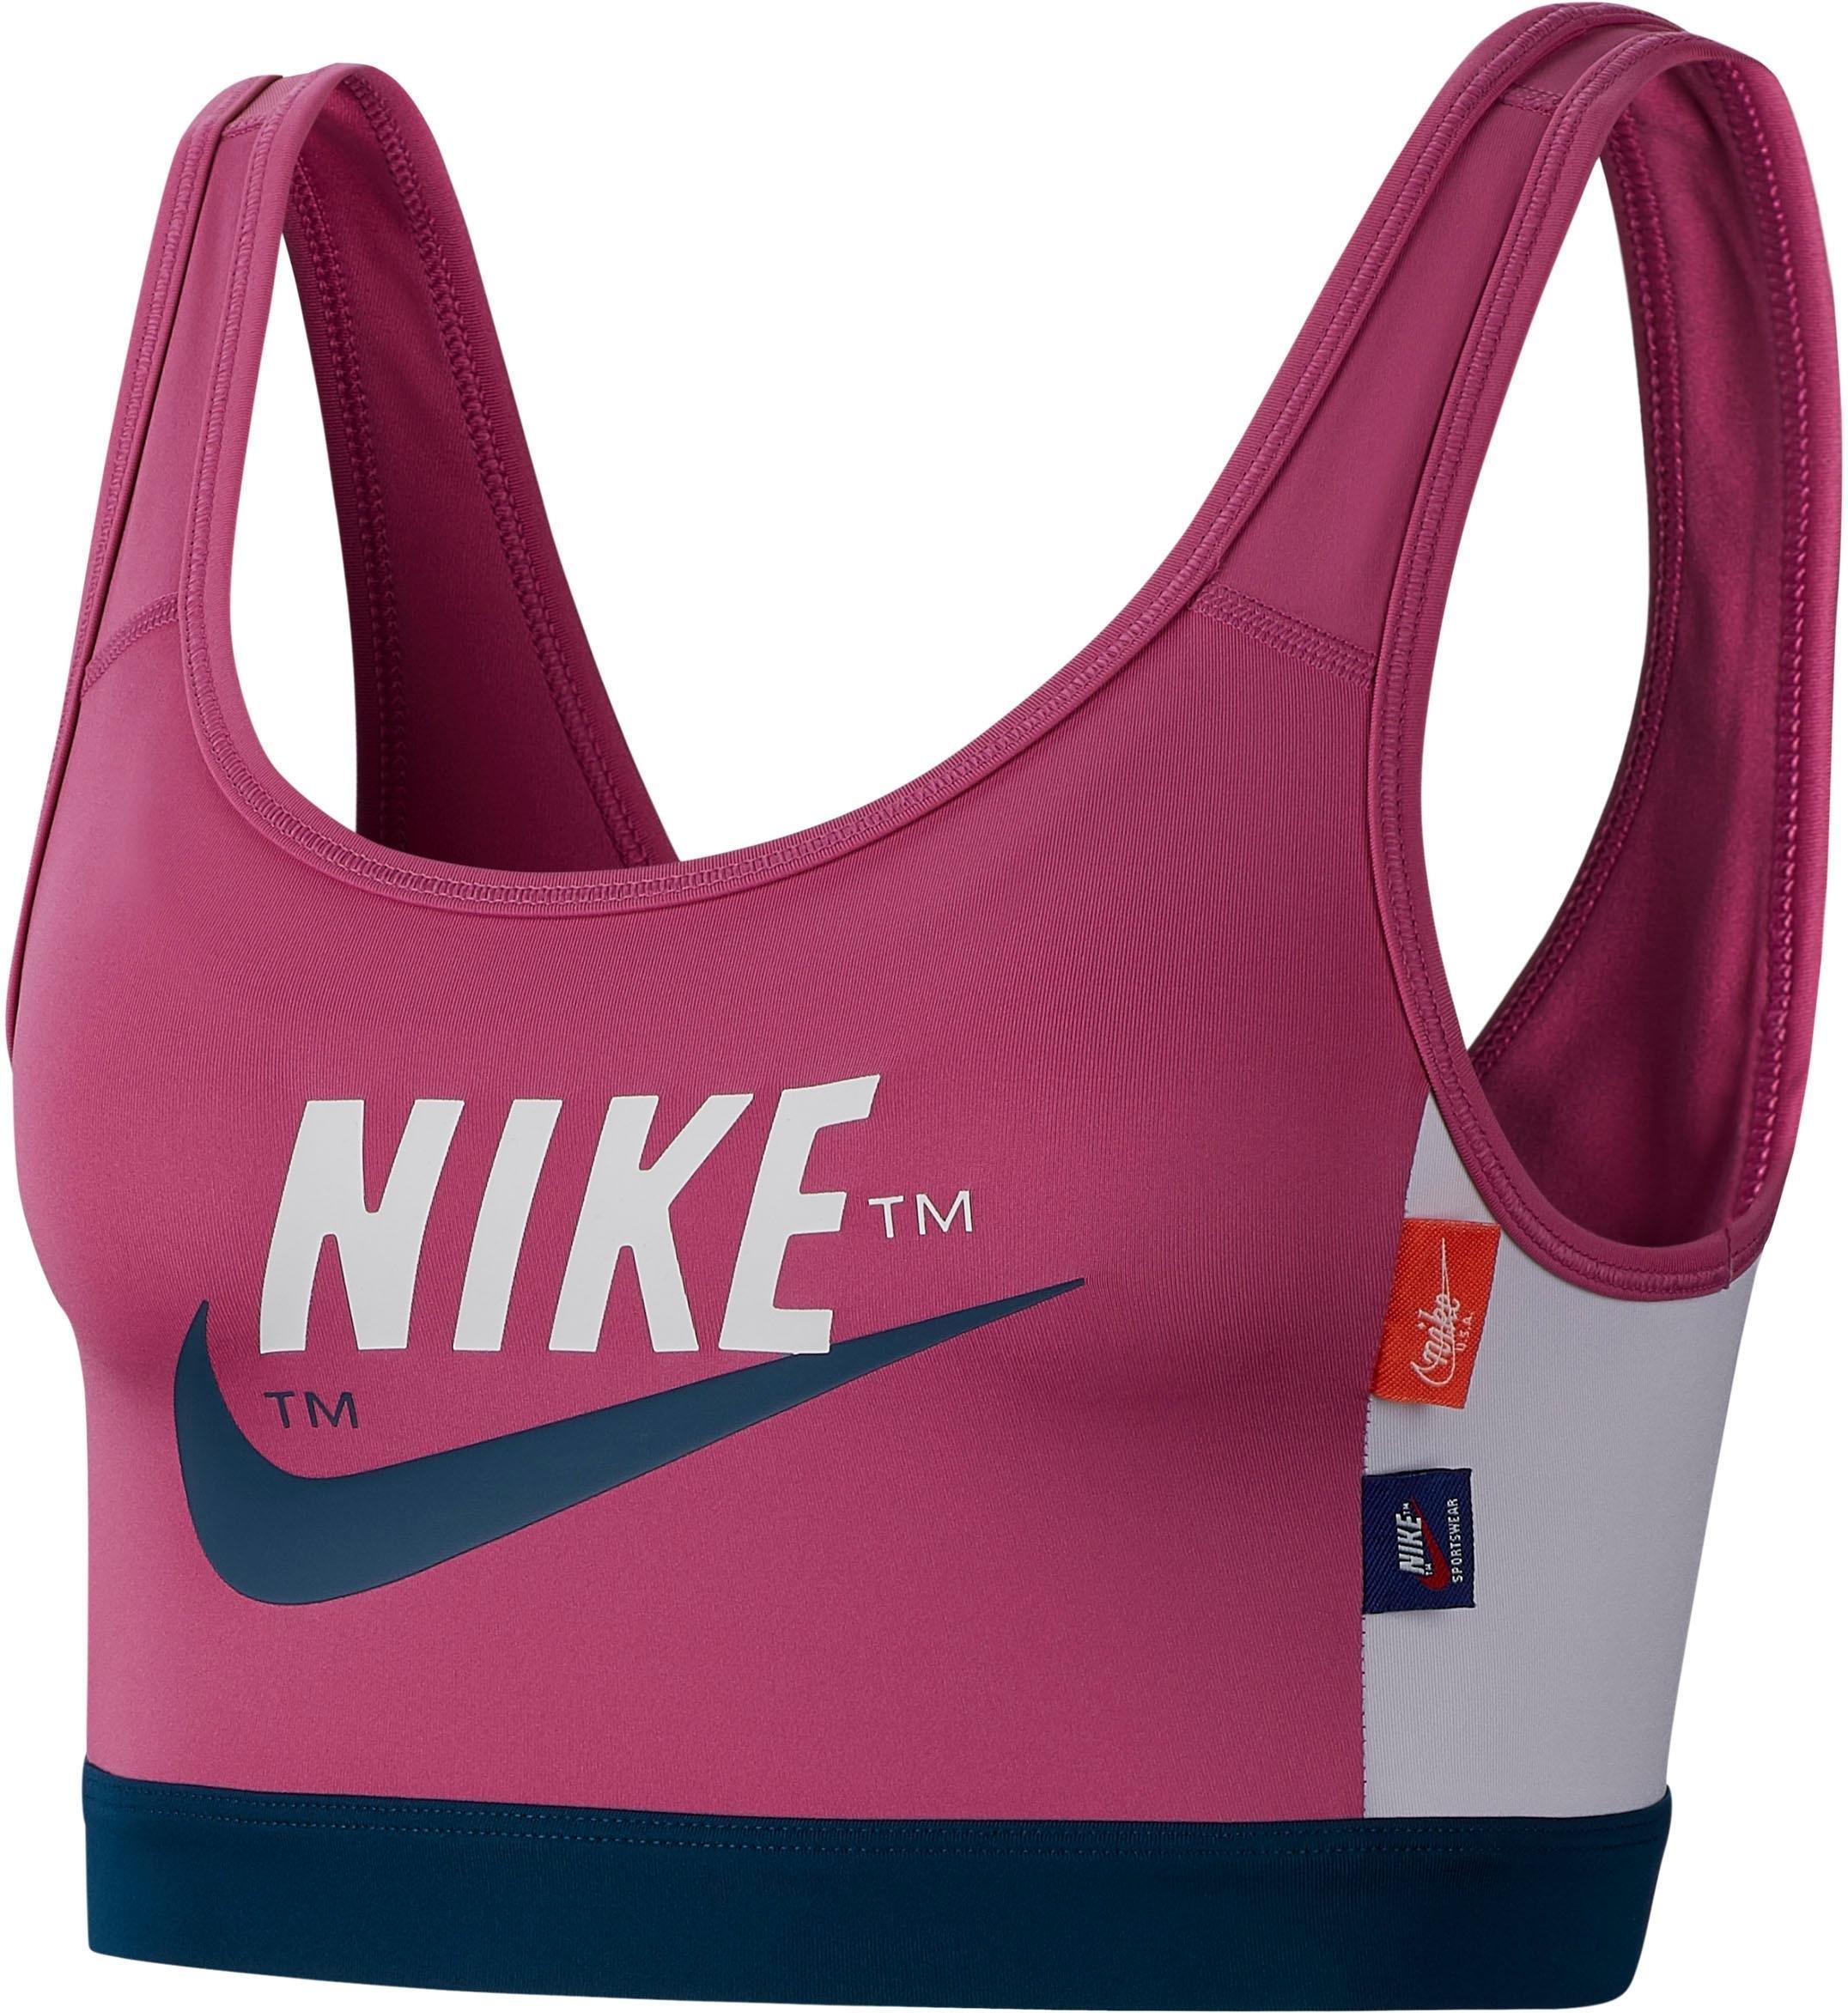 Nike sport-bh nu online bestellen